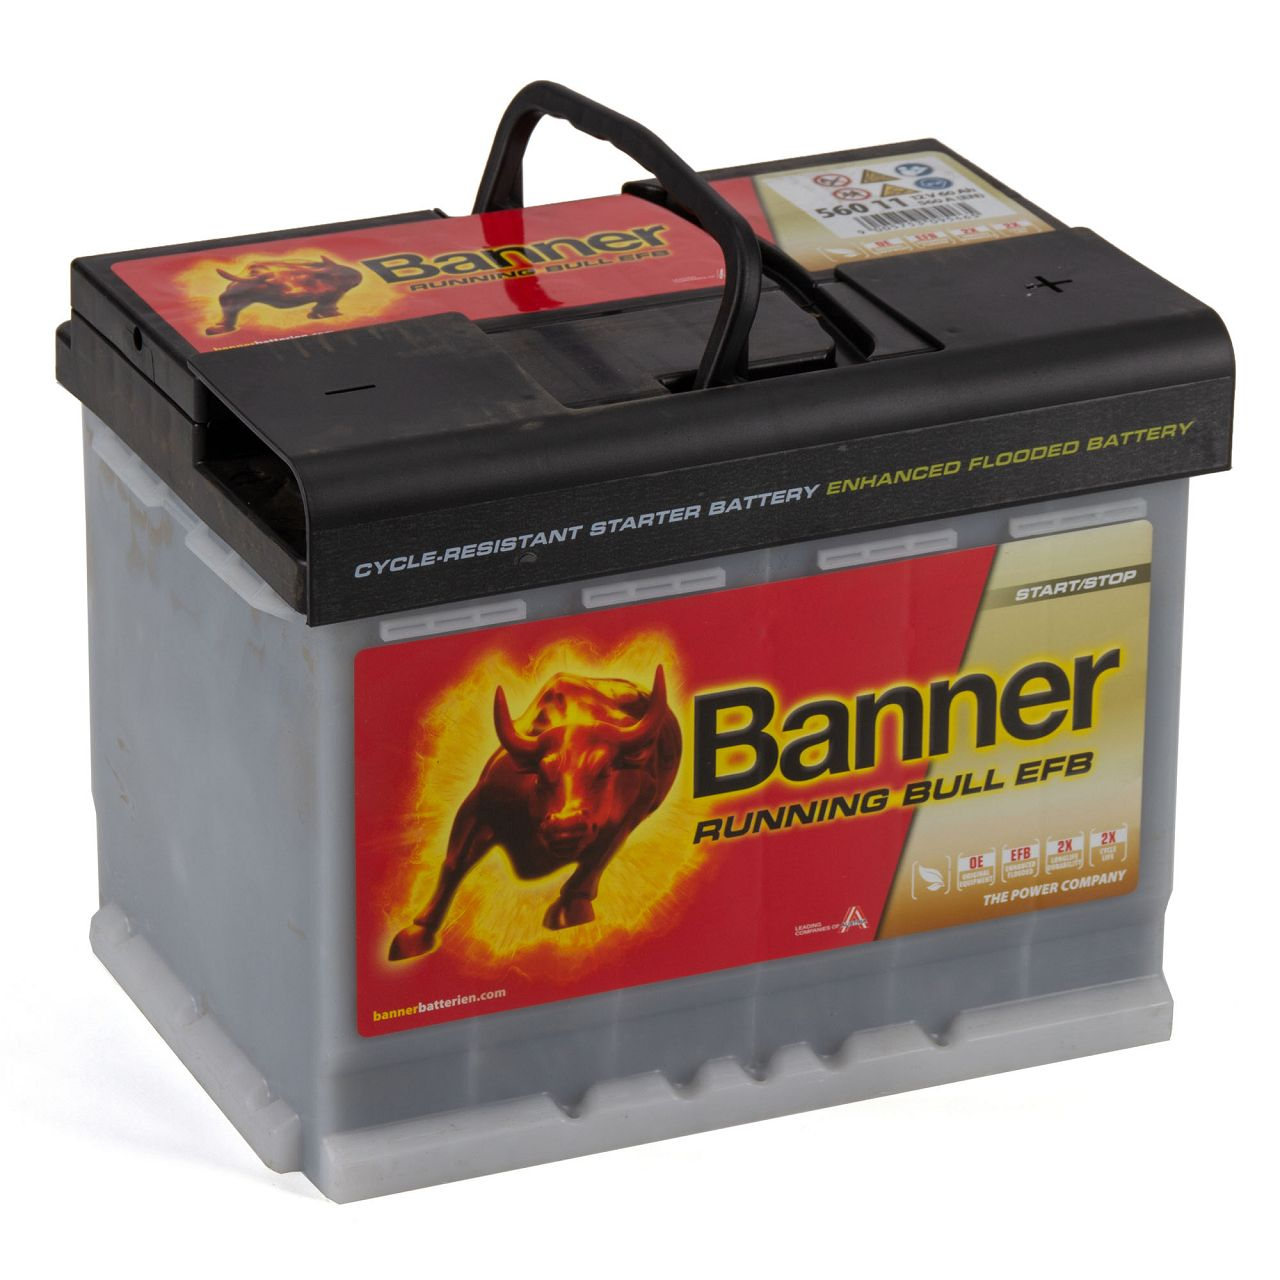 BANNER 56011 027EFBOE Running Bull EFB Autobatterie Batterie 12V 60Ah 560A